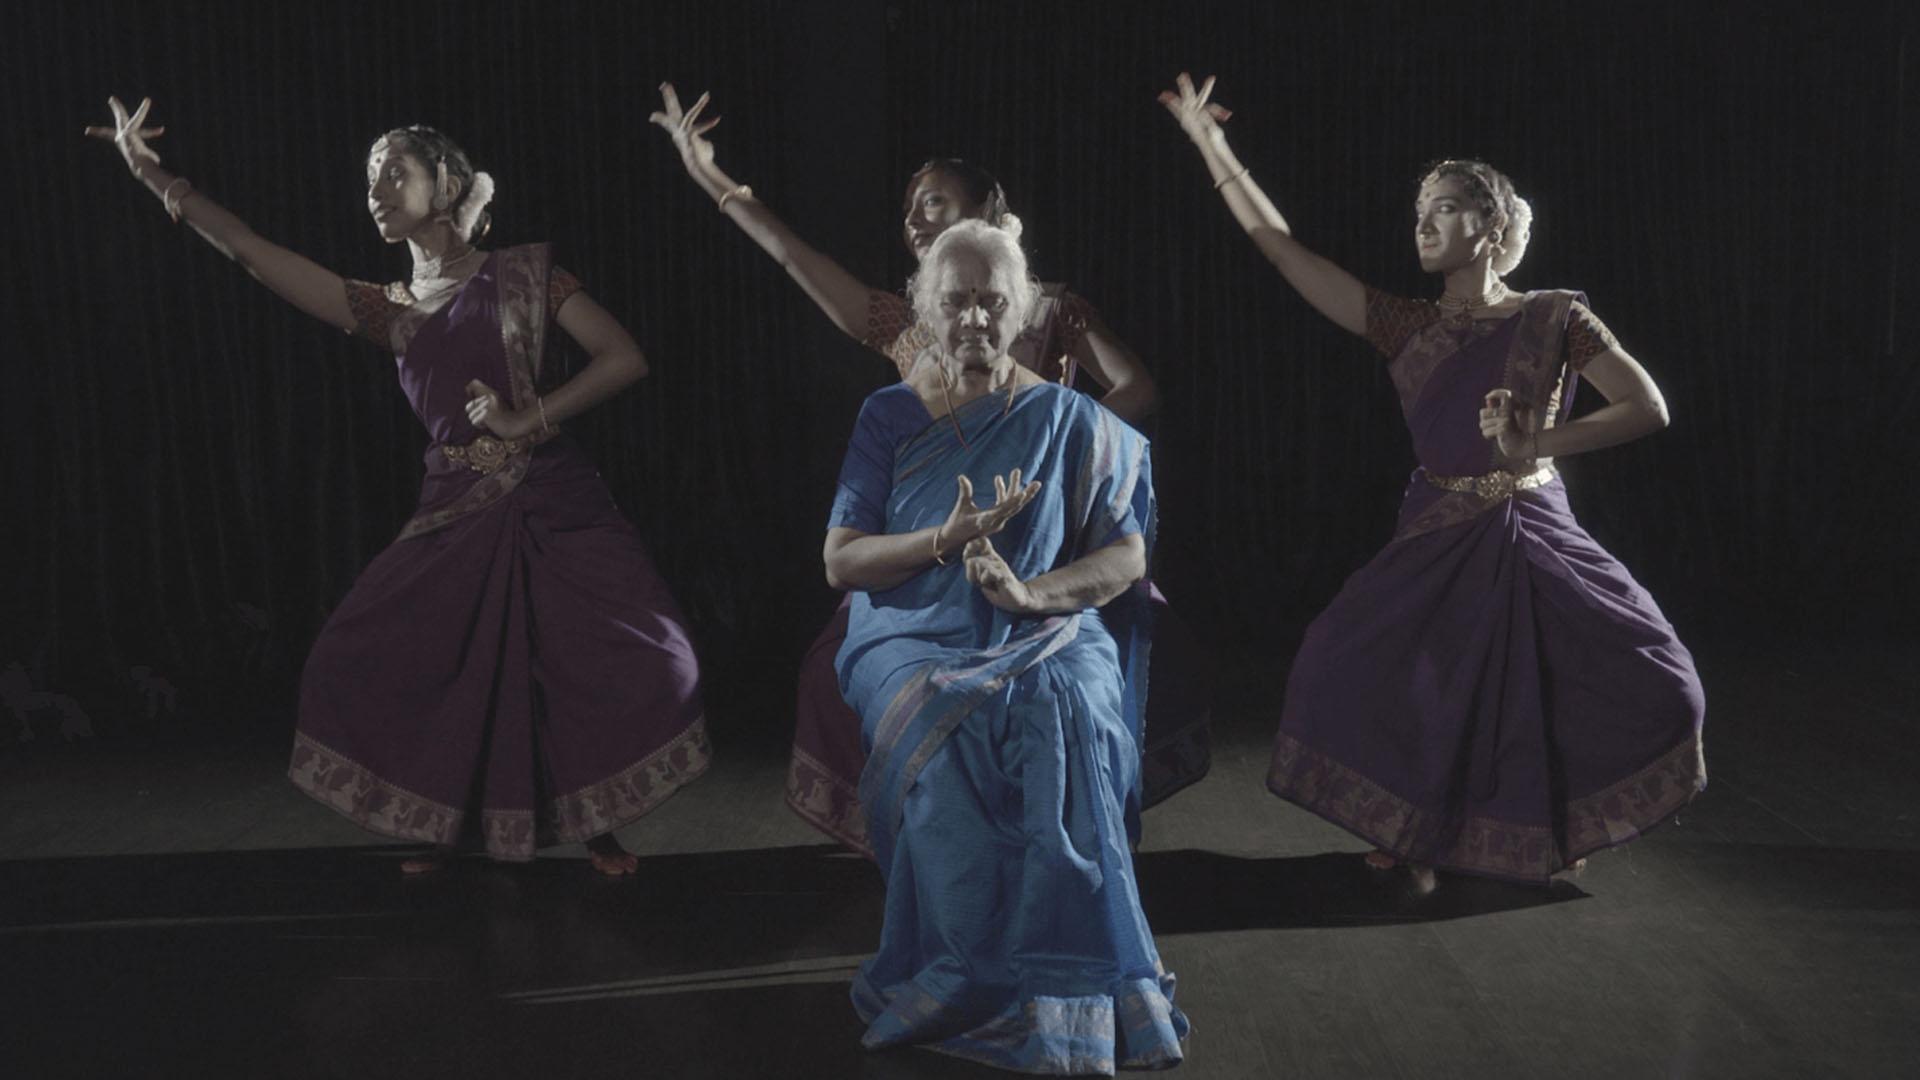 Santha Bhaskar Life in a Cloud